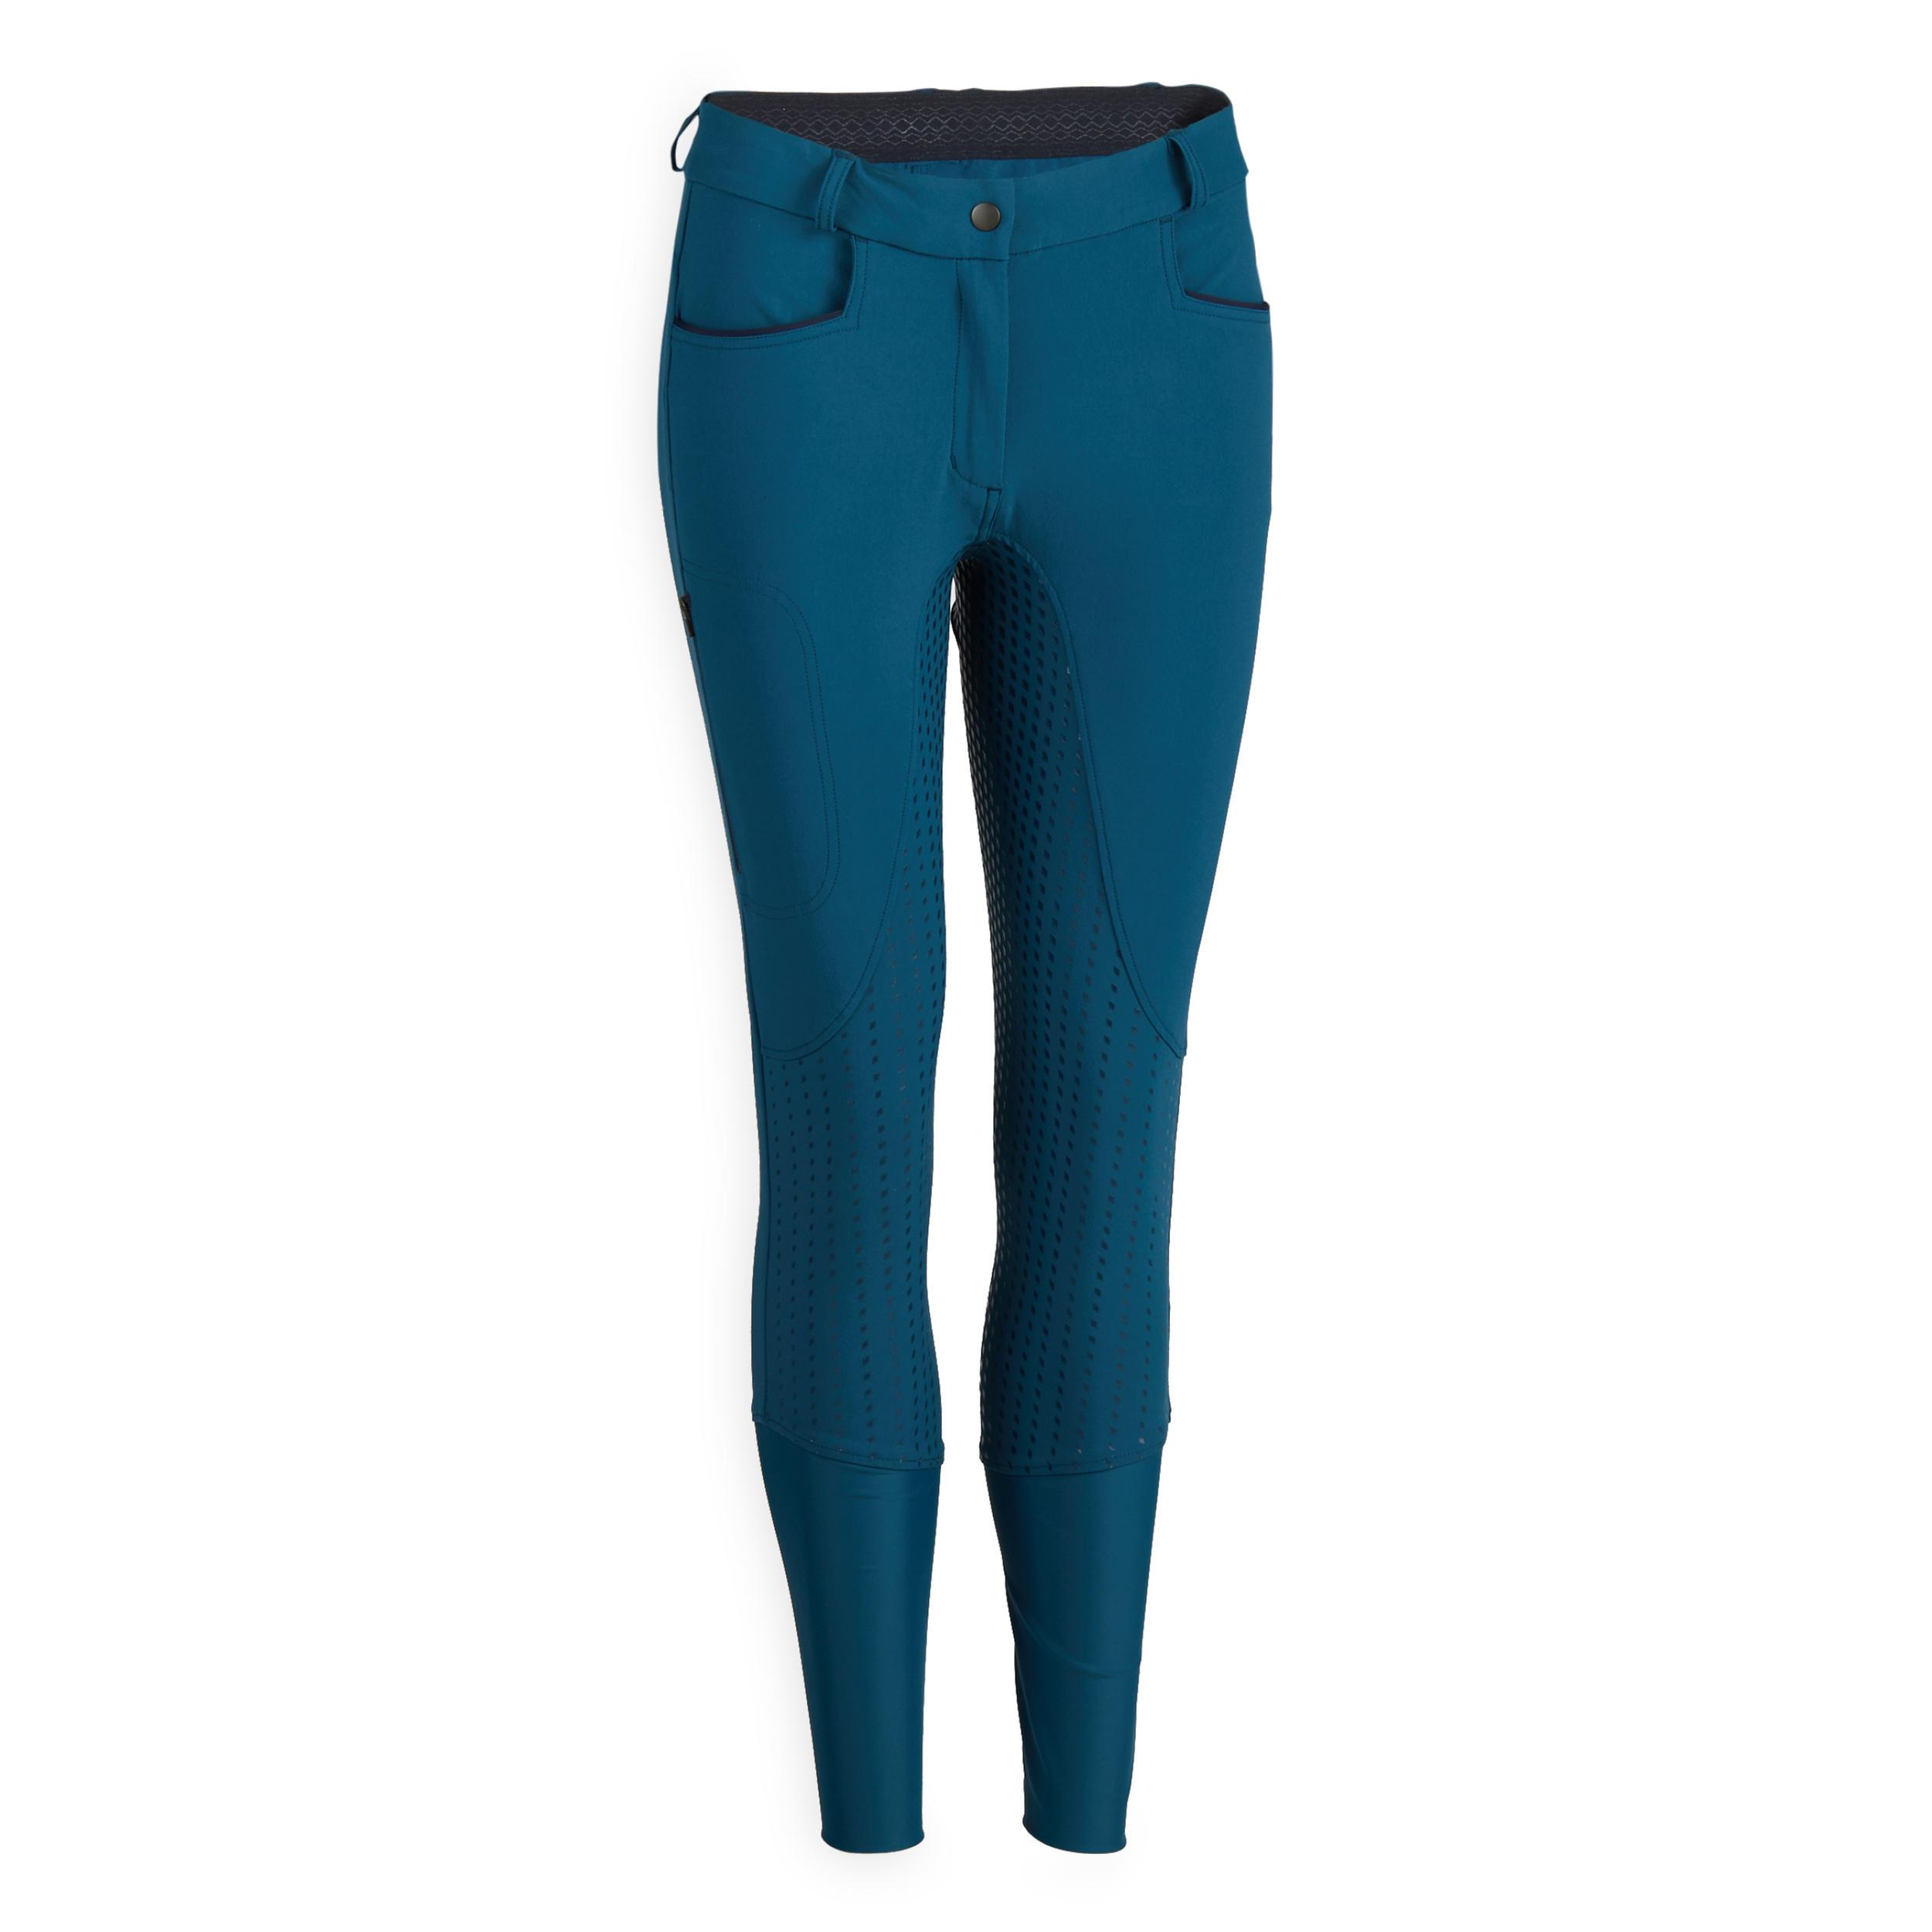 Pantalon 580 FULLGRIP Damă